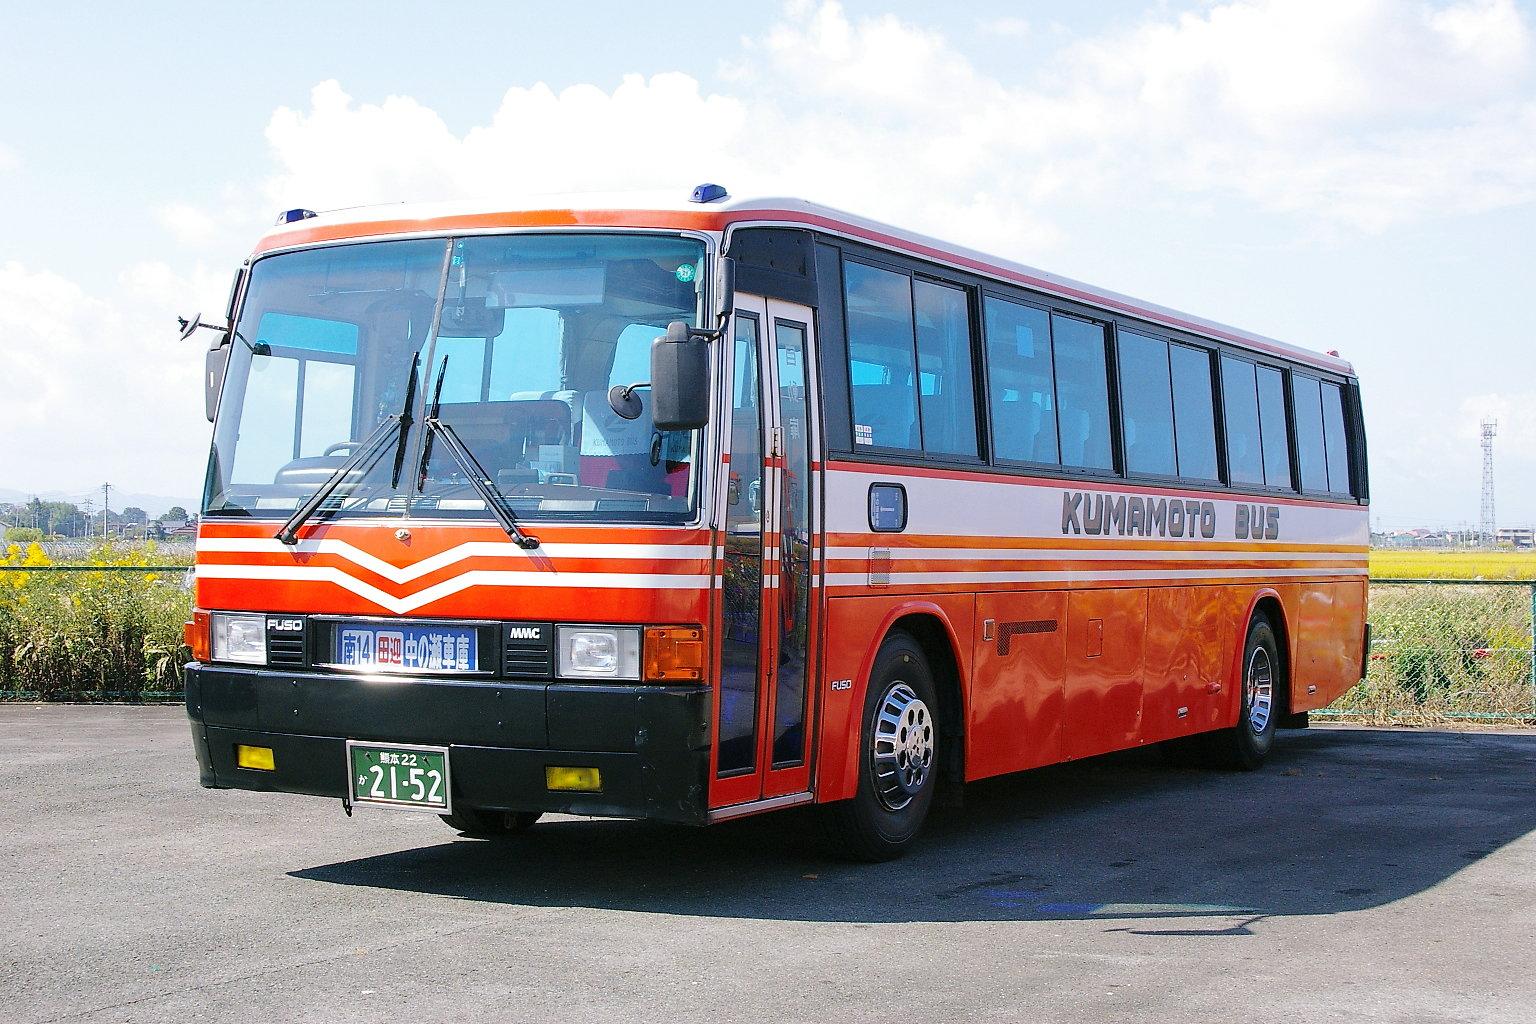 熊本バス(熊本22か2152)_b0243248_0292148.jpg